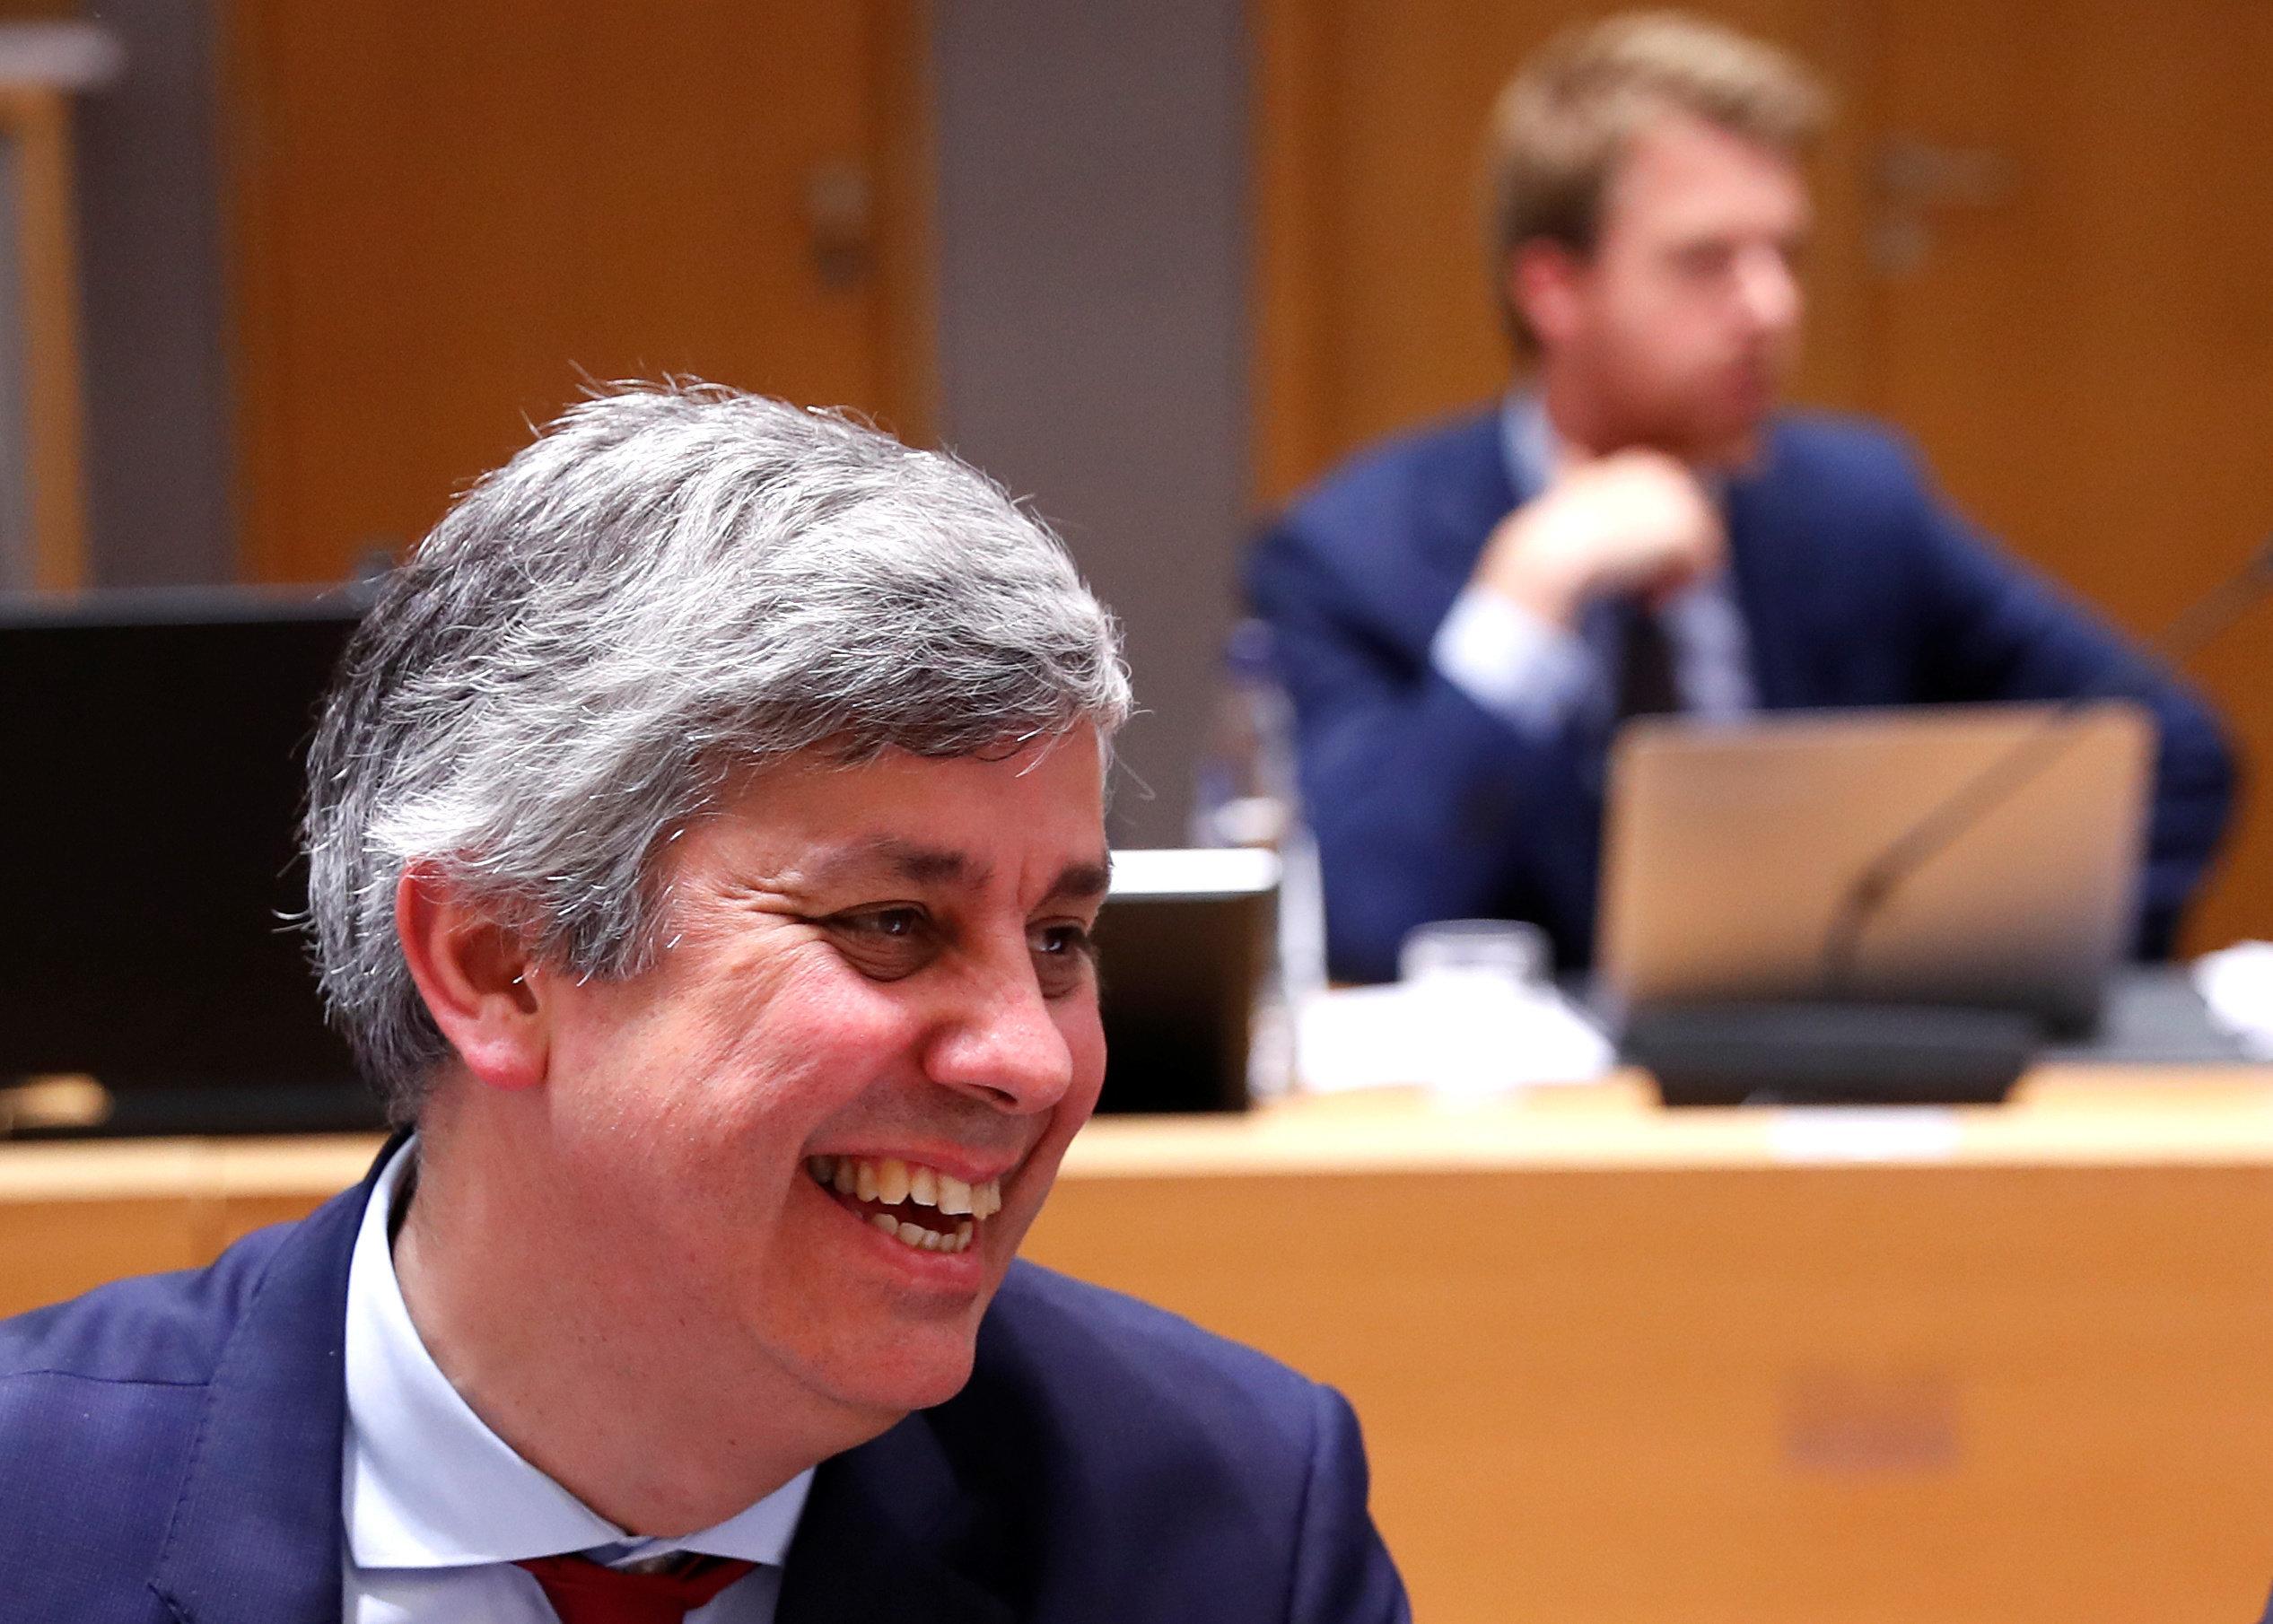 Σεντένο: Τελευταίο Eurogroup με την Ελλάδα σε